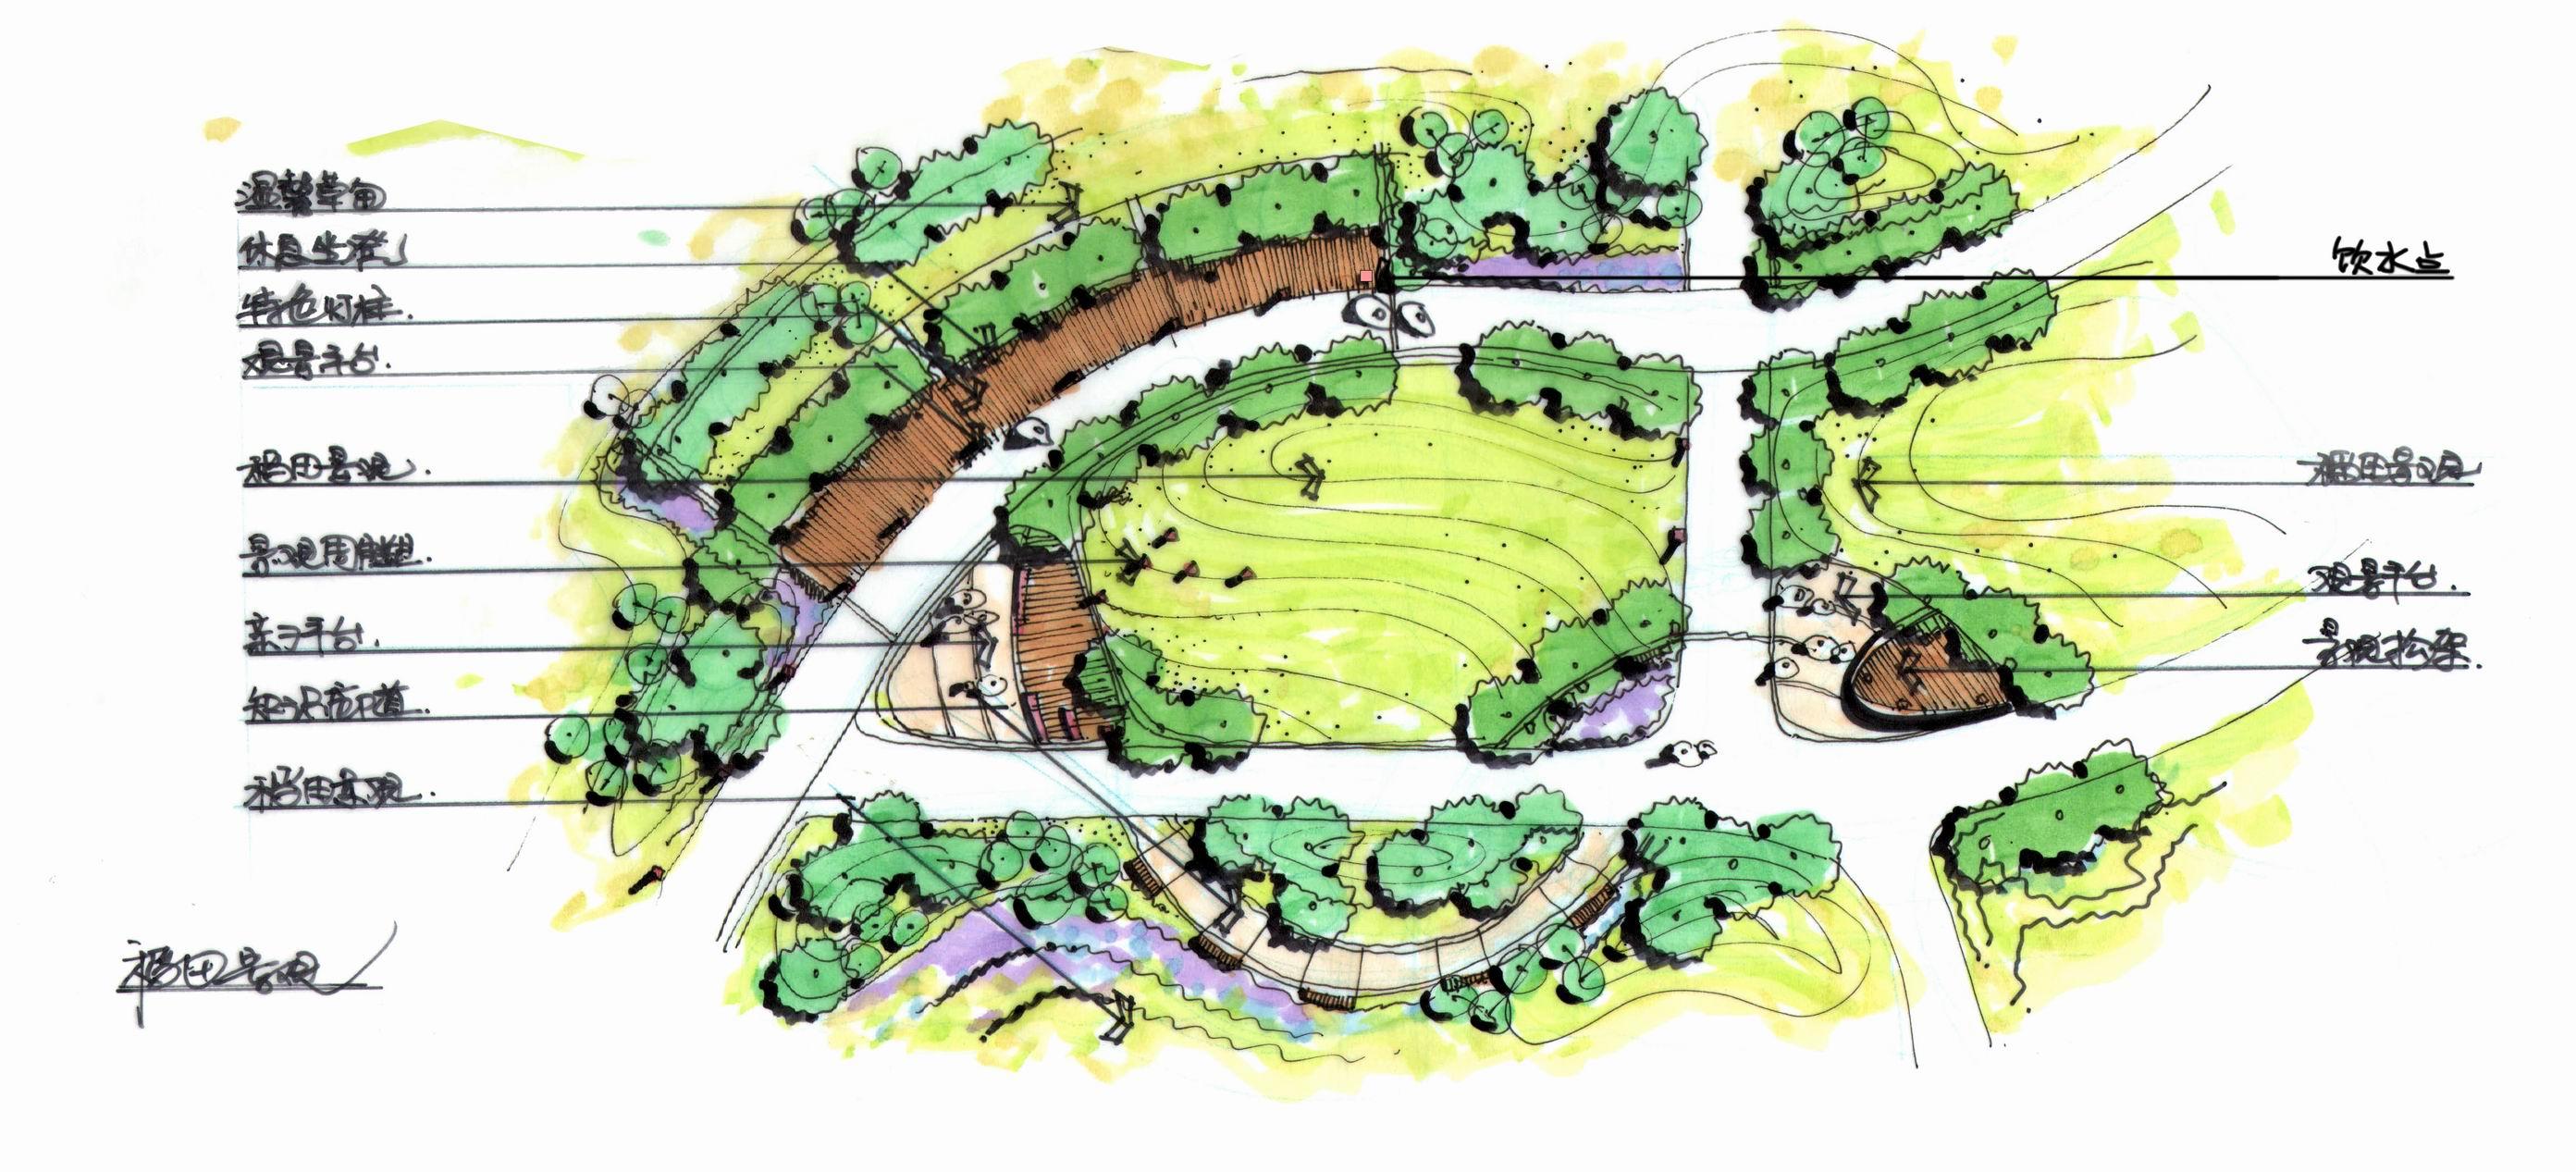 商业街、公园、广场、学校景观方案设计,手绘效果图设计.